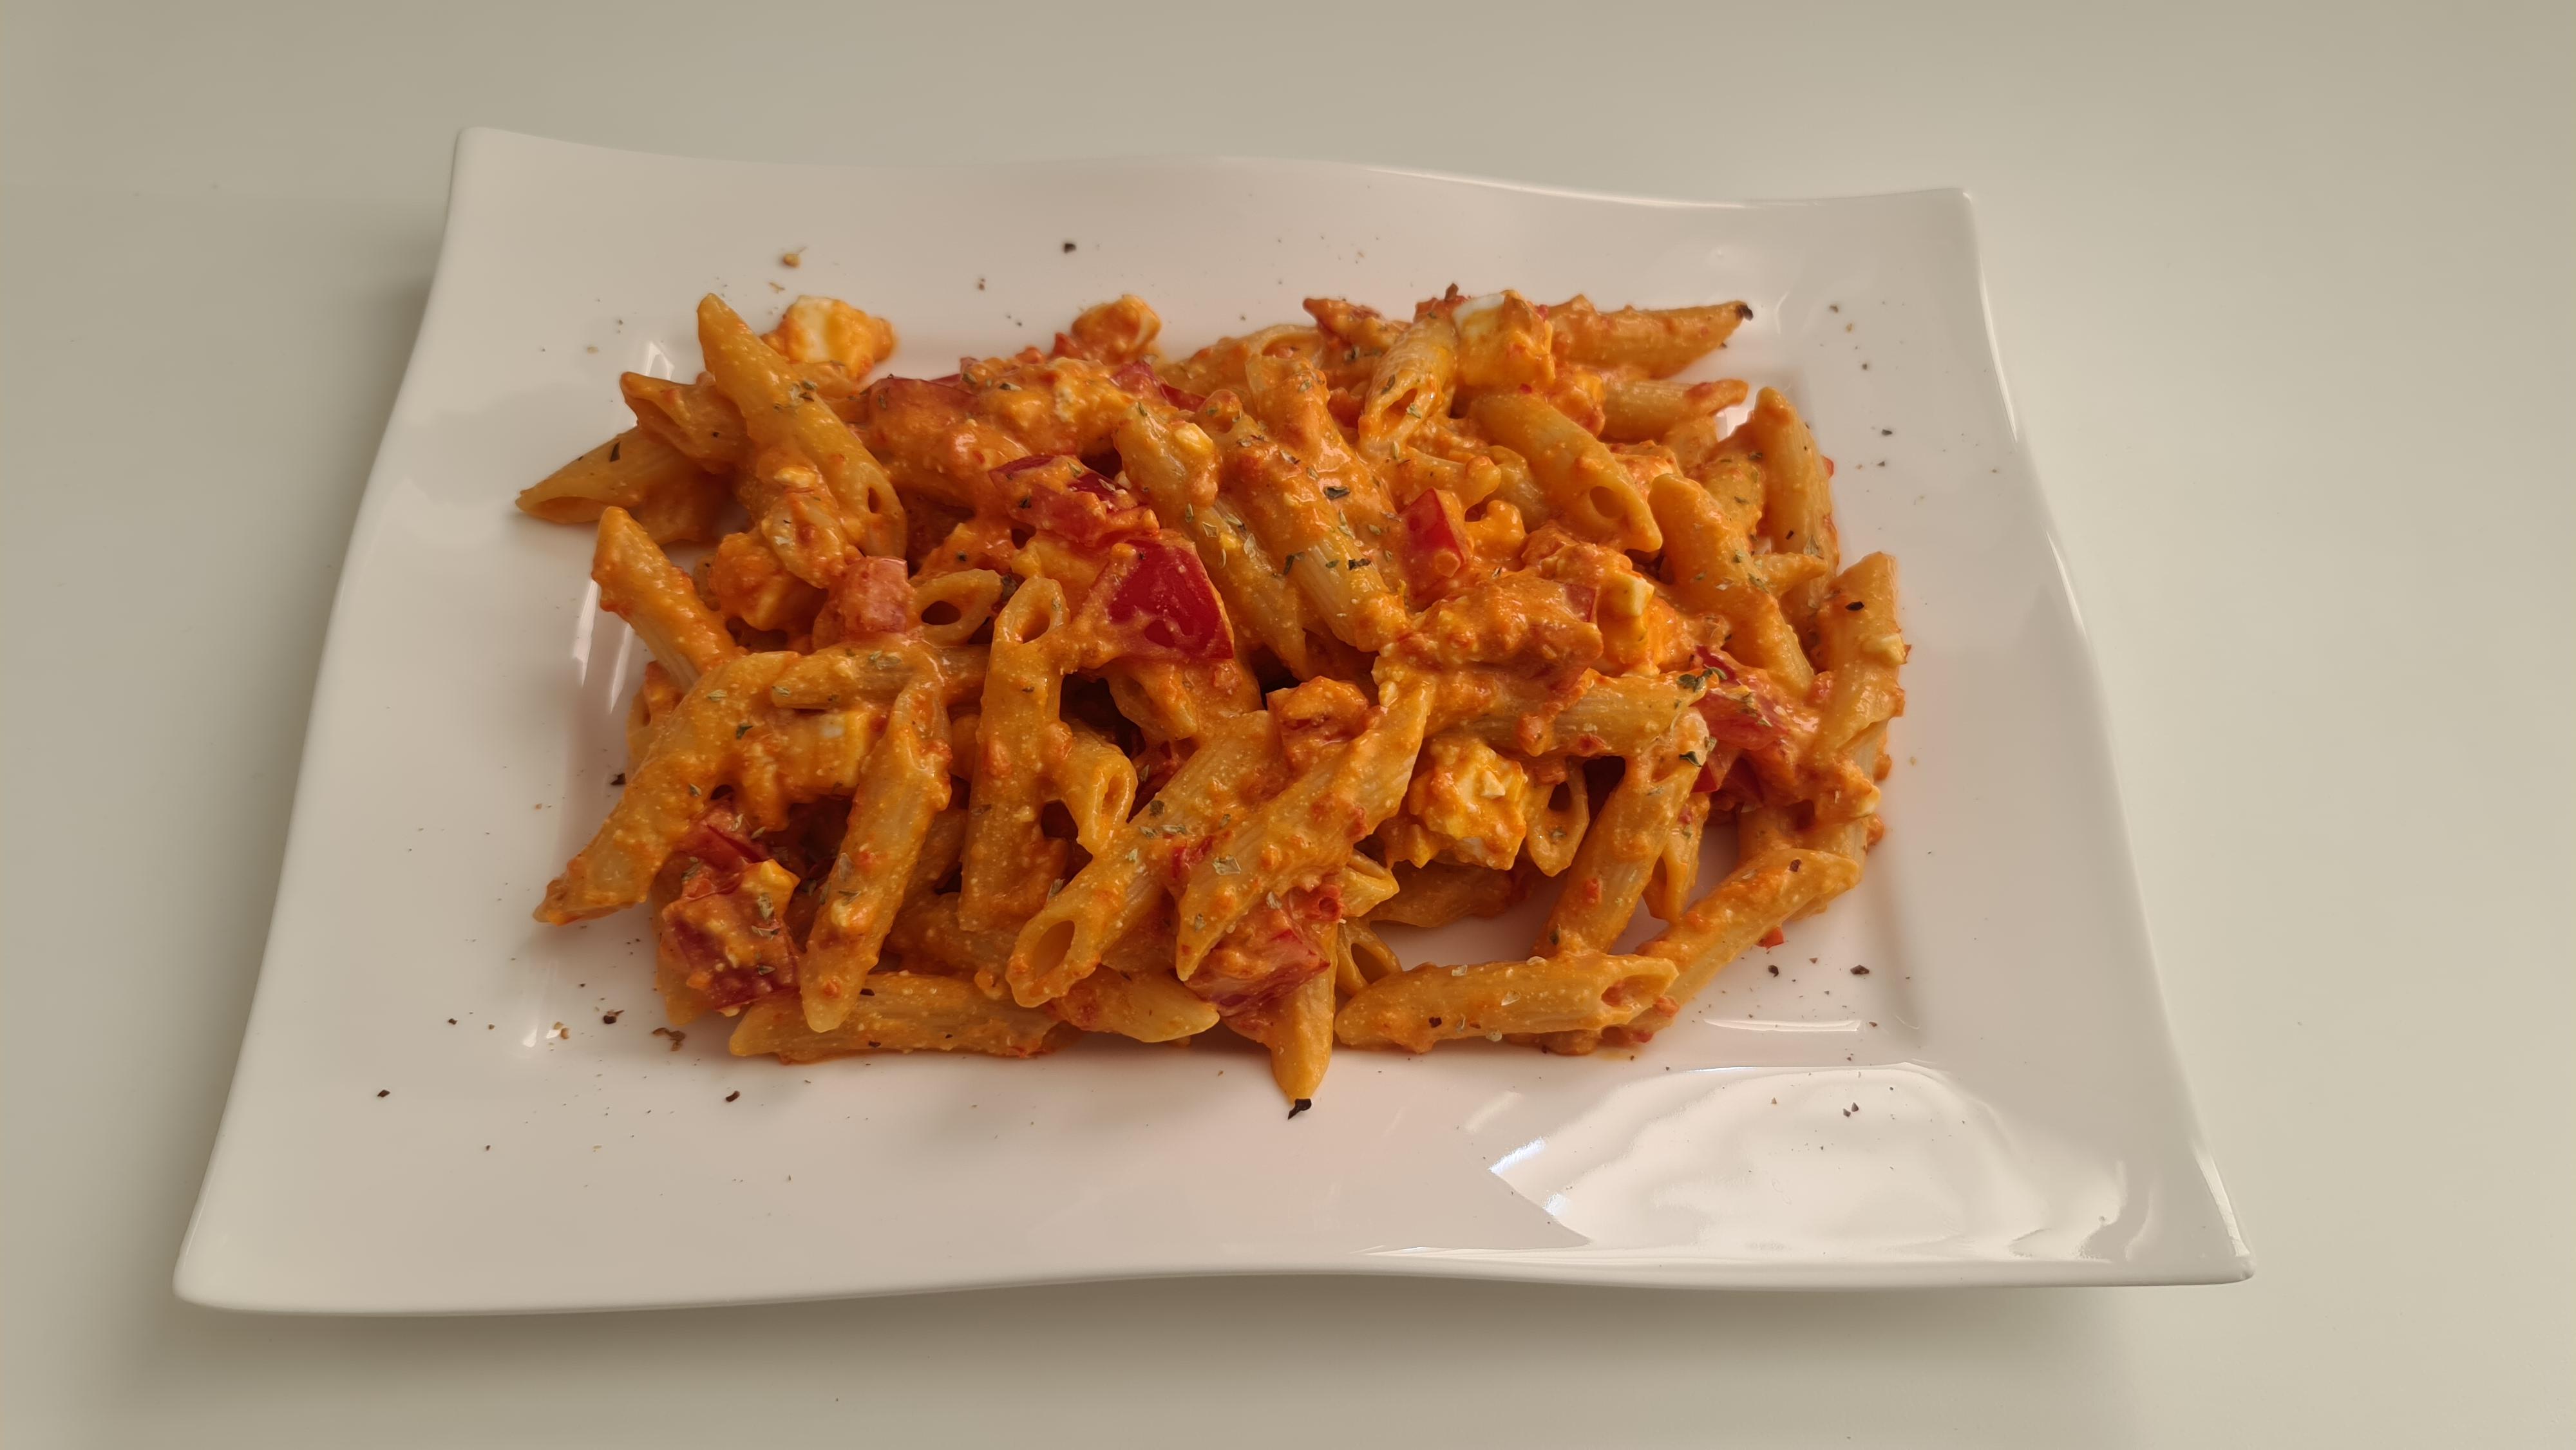 https://foodloader.net/Holz_2020-06-27_Penne_Calabrese.jpg